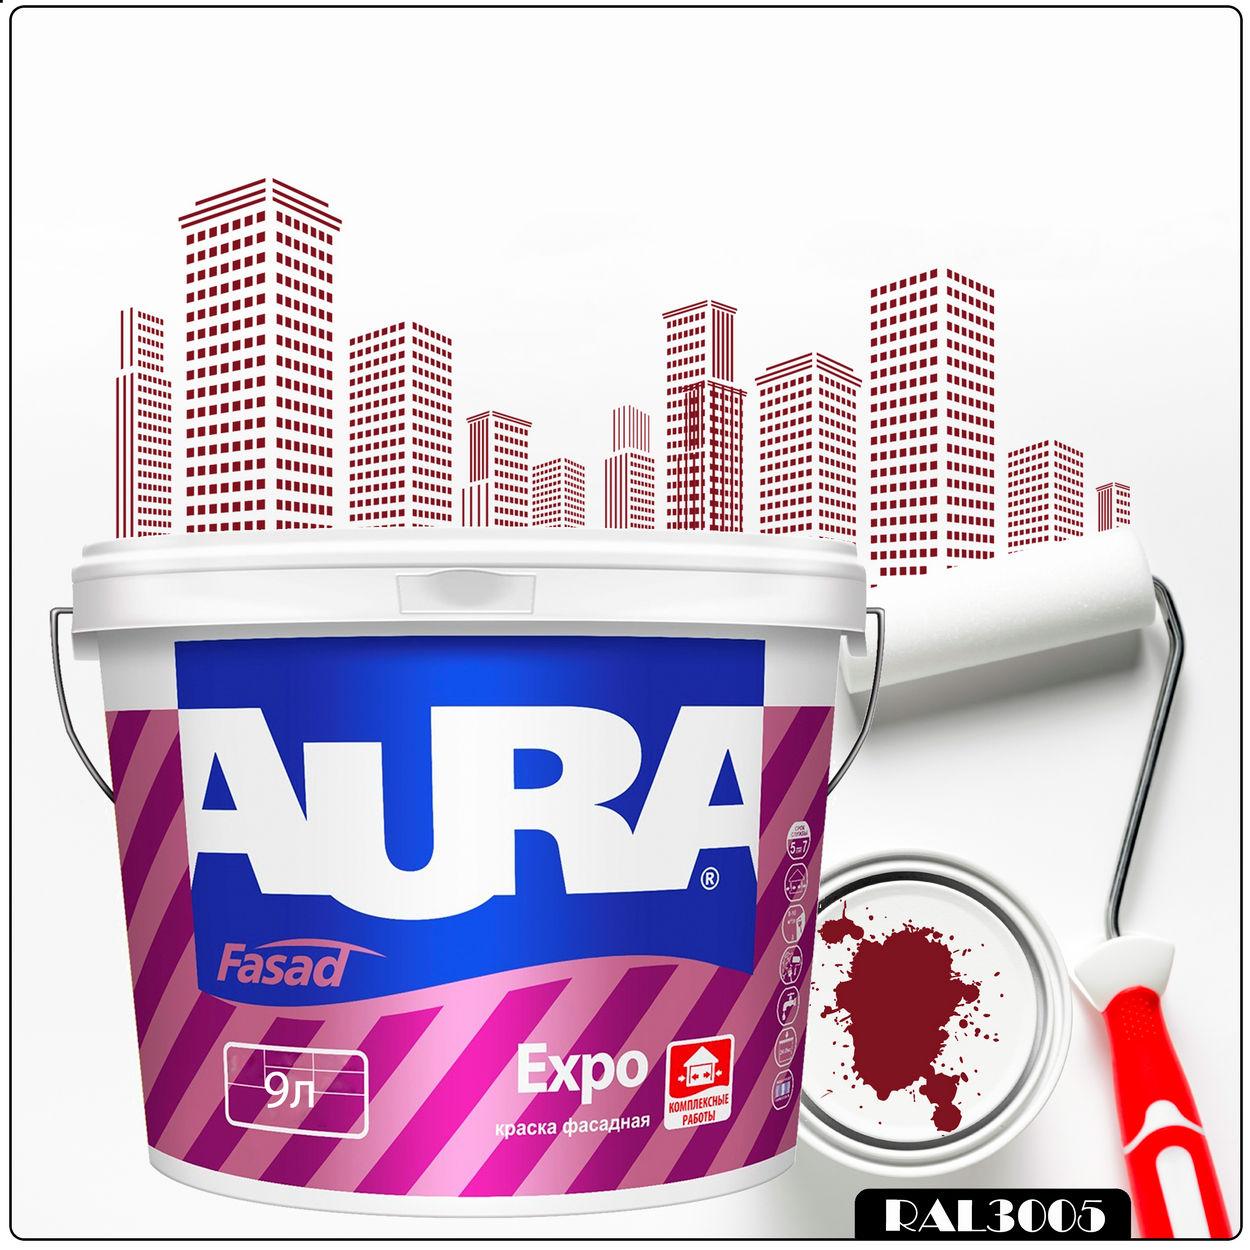 Фото 6 - Краска Aura Fasad Expo, RAL 3005 Вишневый, матовая, для фасадов и помещений с повышенной влажностью, 9л.